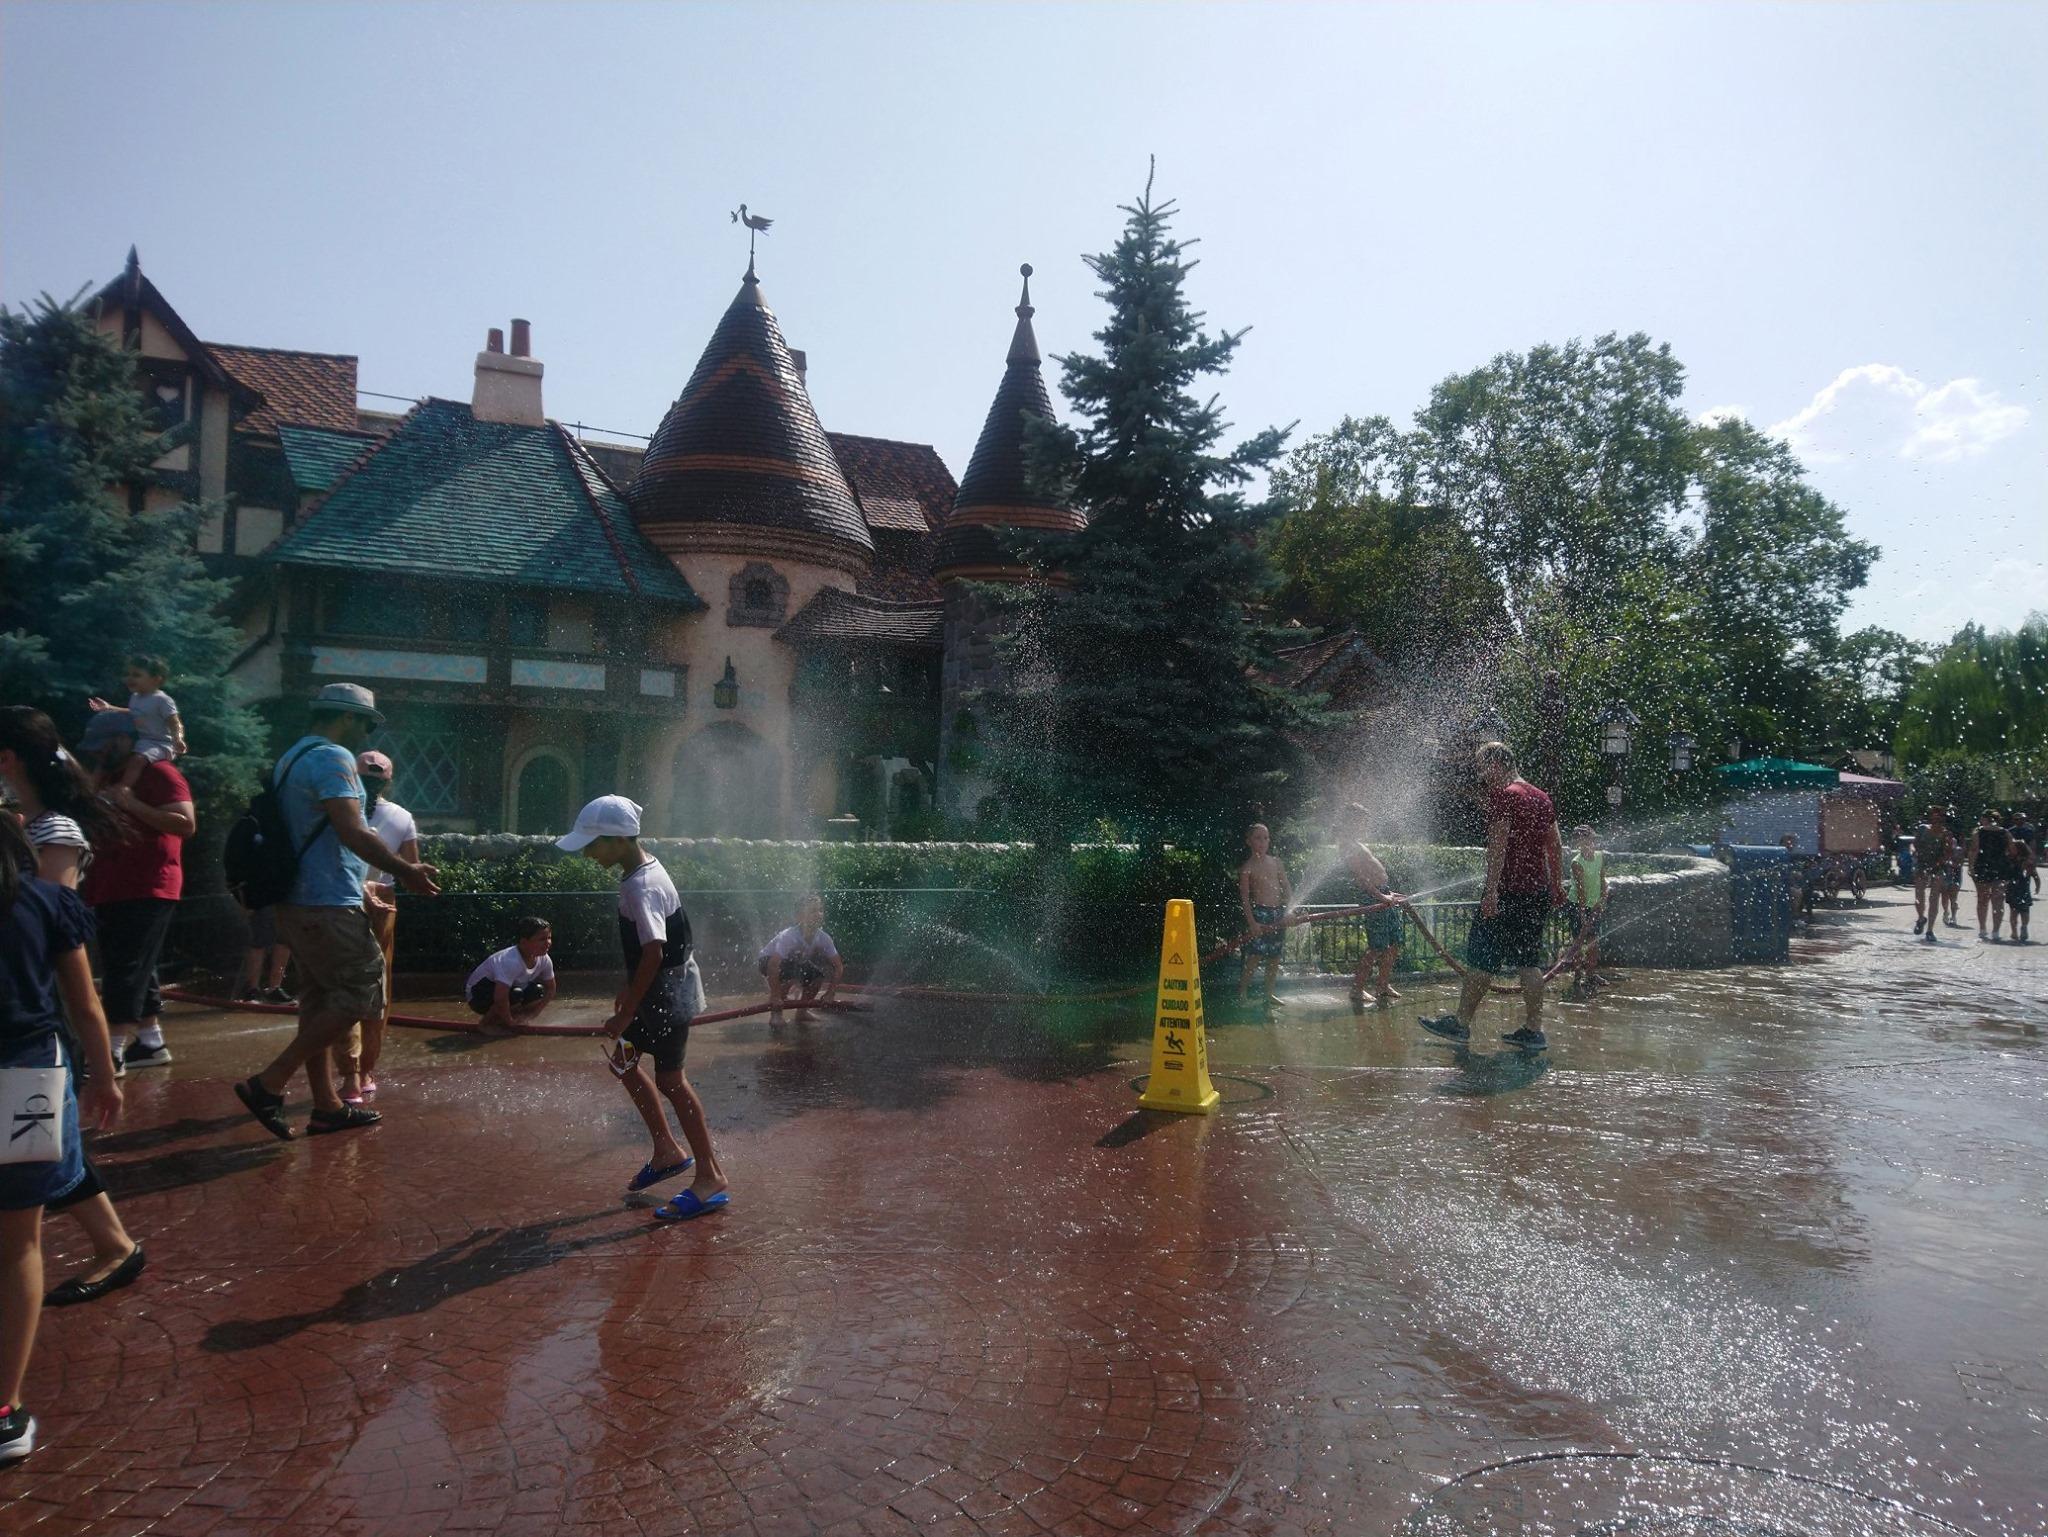 Disneyland Paris - Jeudi 25 juillet 2019 - Jour de canicule record